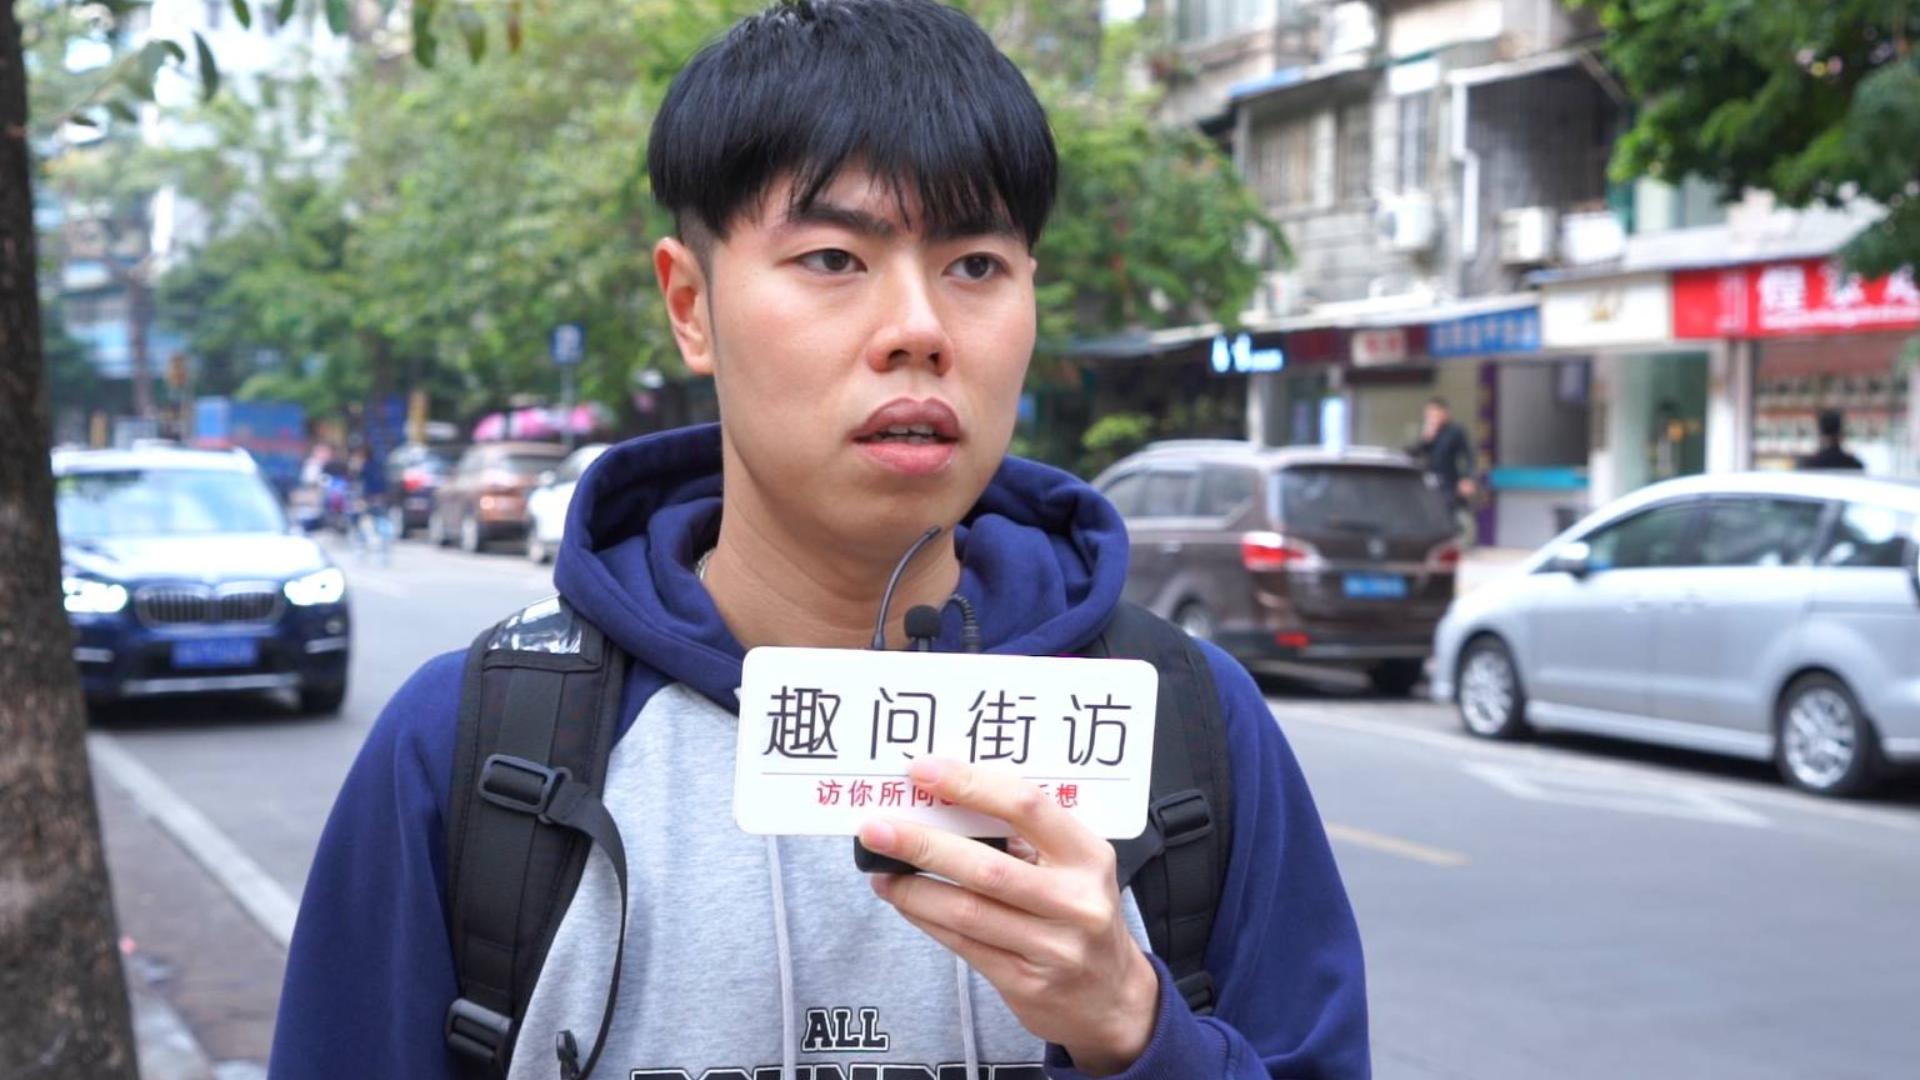 在中国男生眼里,愿意找一个韩国女生做女友吗?听听广州人怎么说